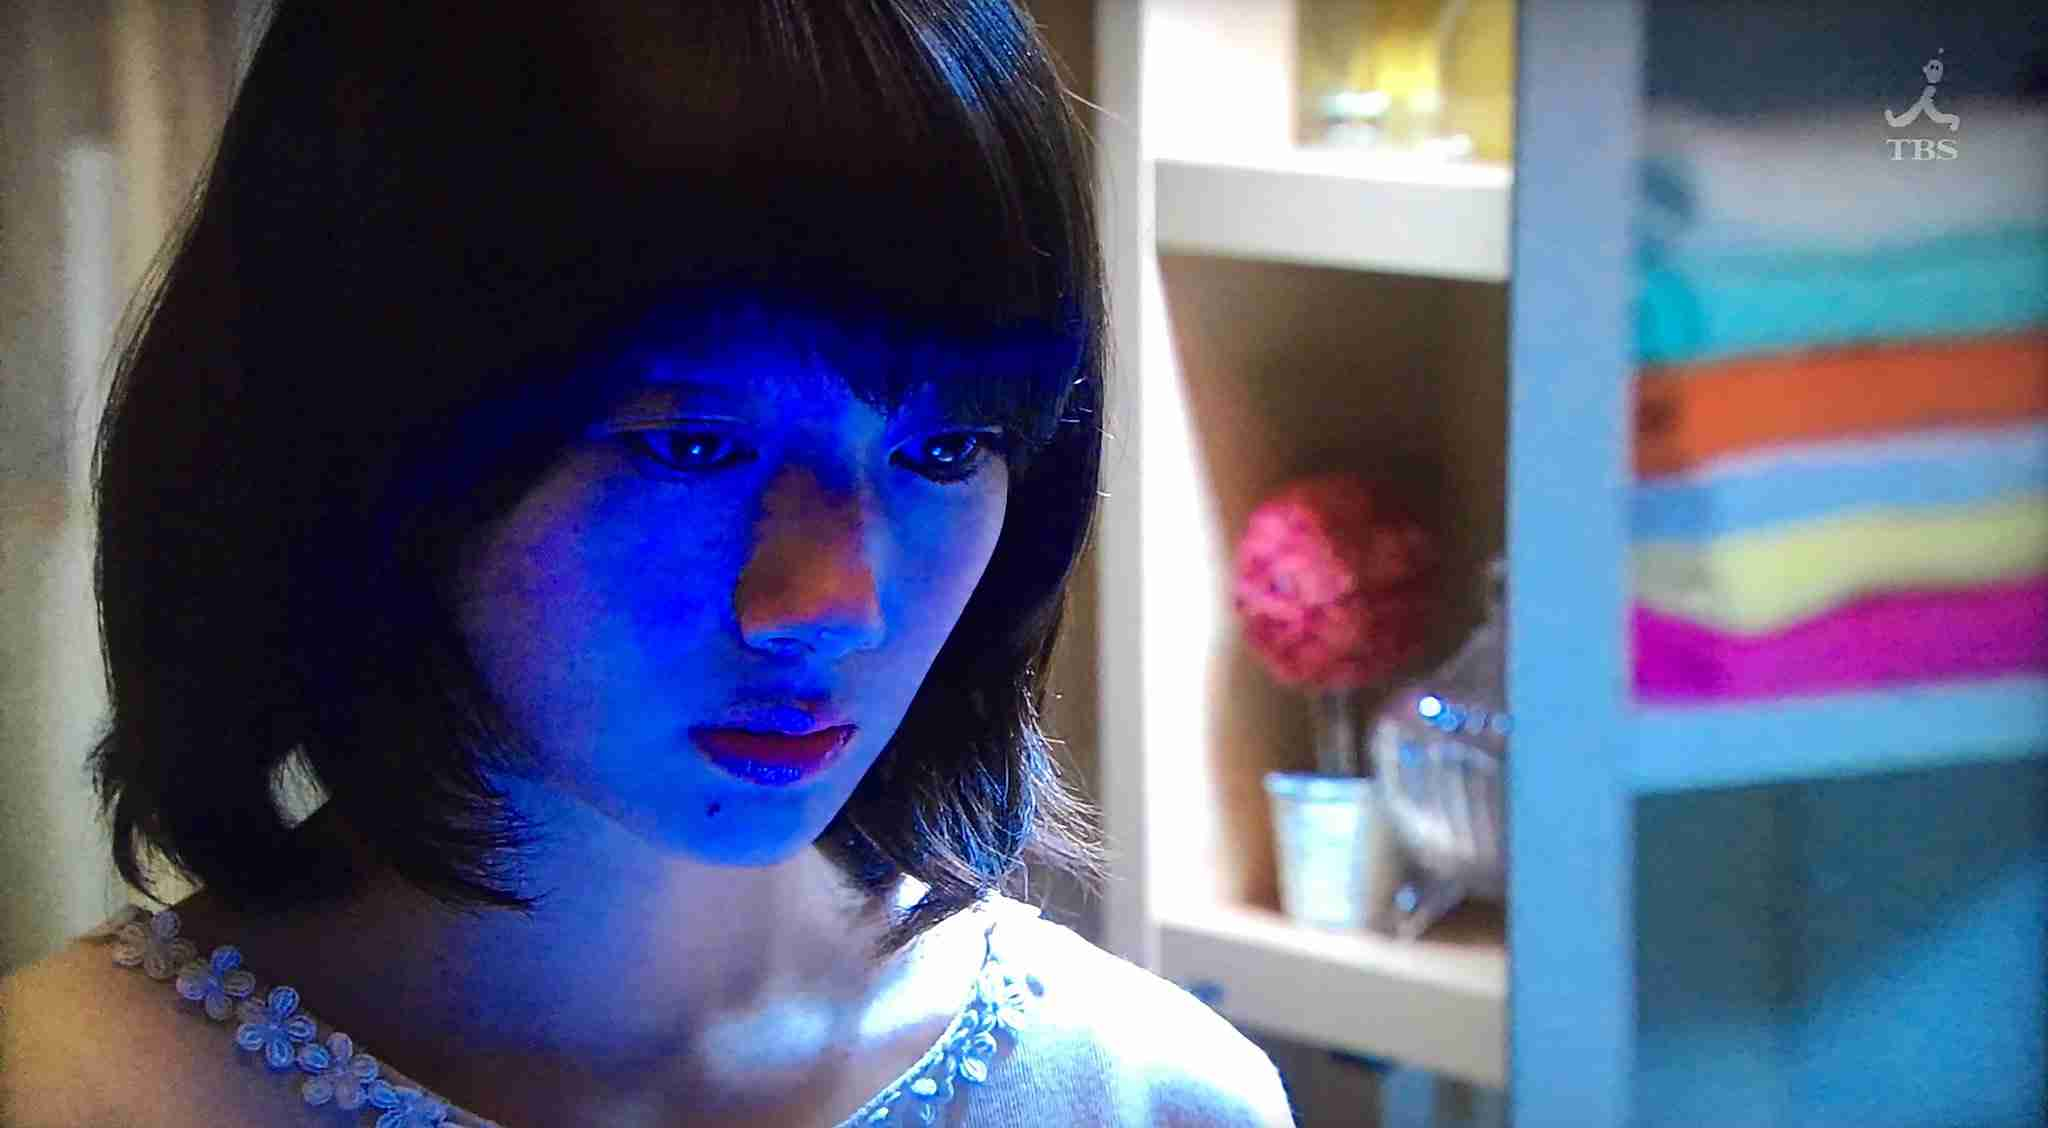 波瑠の不倫主婦役に話題集中の「あなたのことはそれほど」12・4% 7話目で最高記録更新